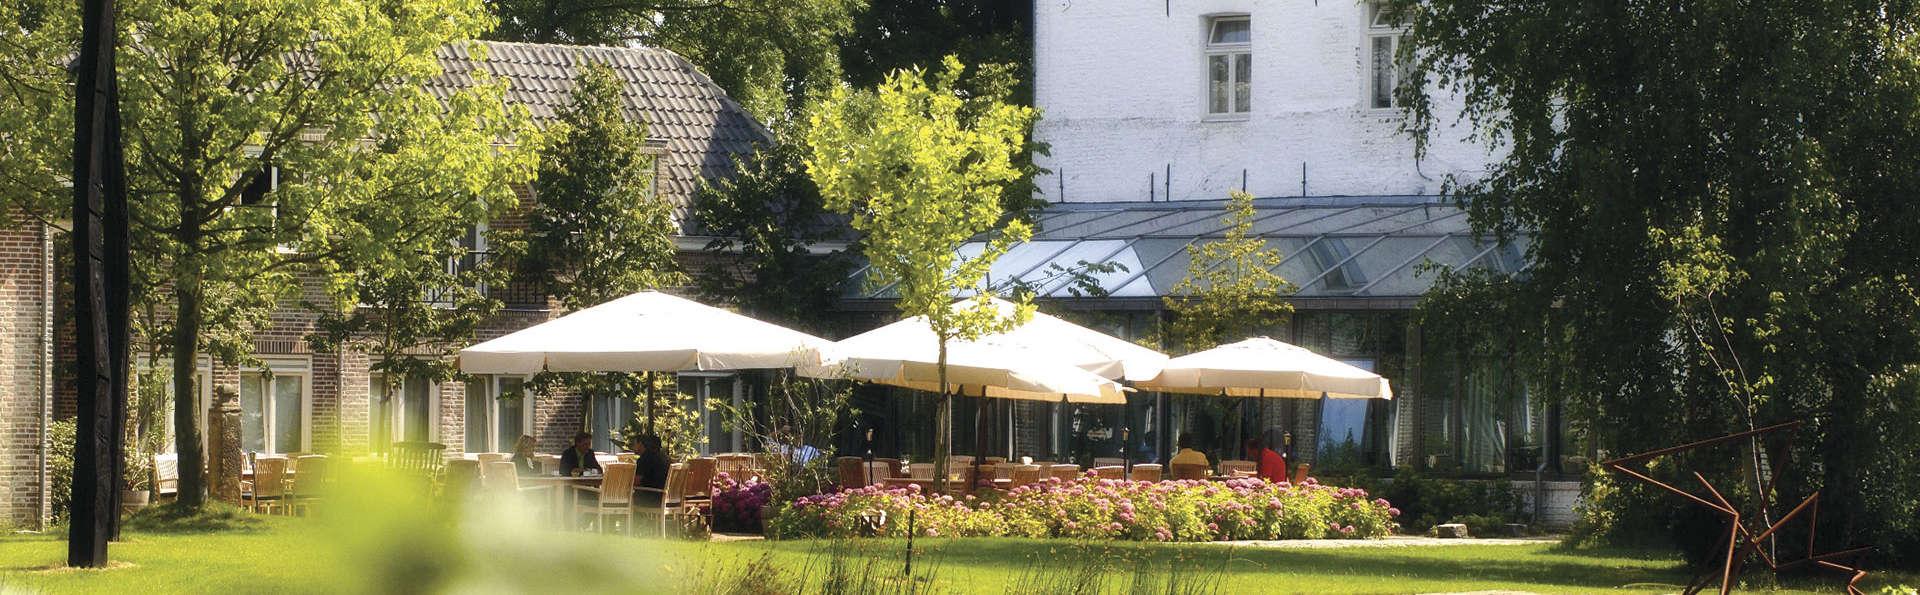 Offre d'été : charme, confort et cyclisme dans le Limbourg